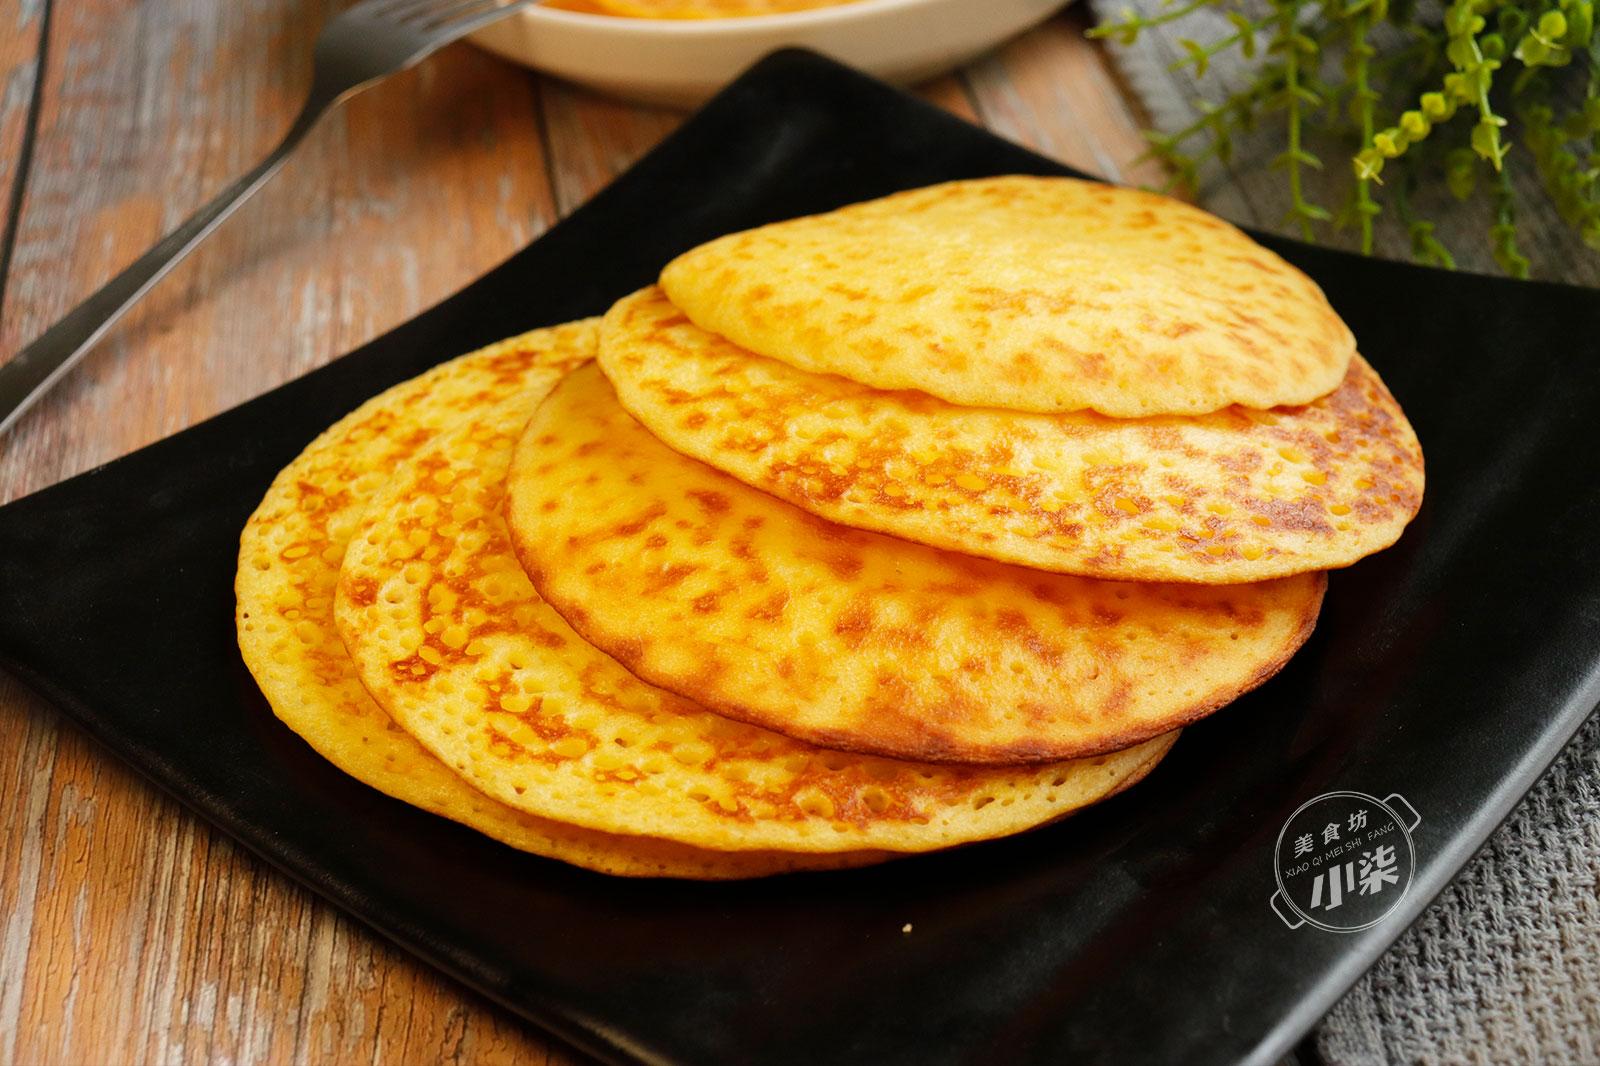 玉米麵最好吃做法,加一袋牛奶,筷子一攪,柔軟香甜,給肉都不換